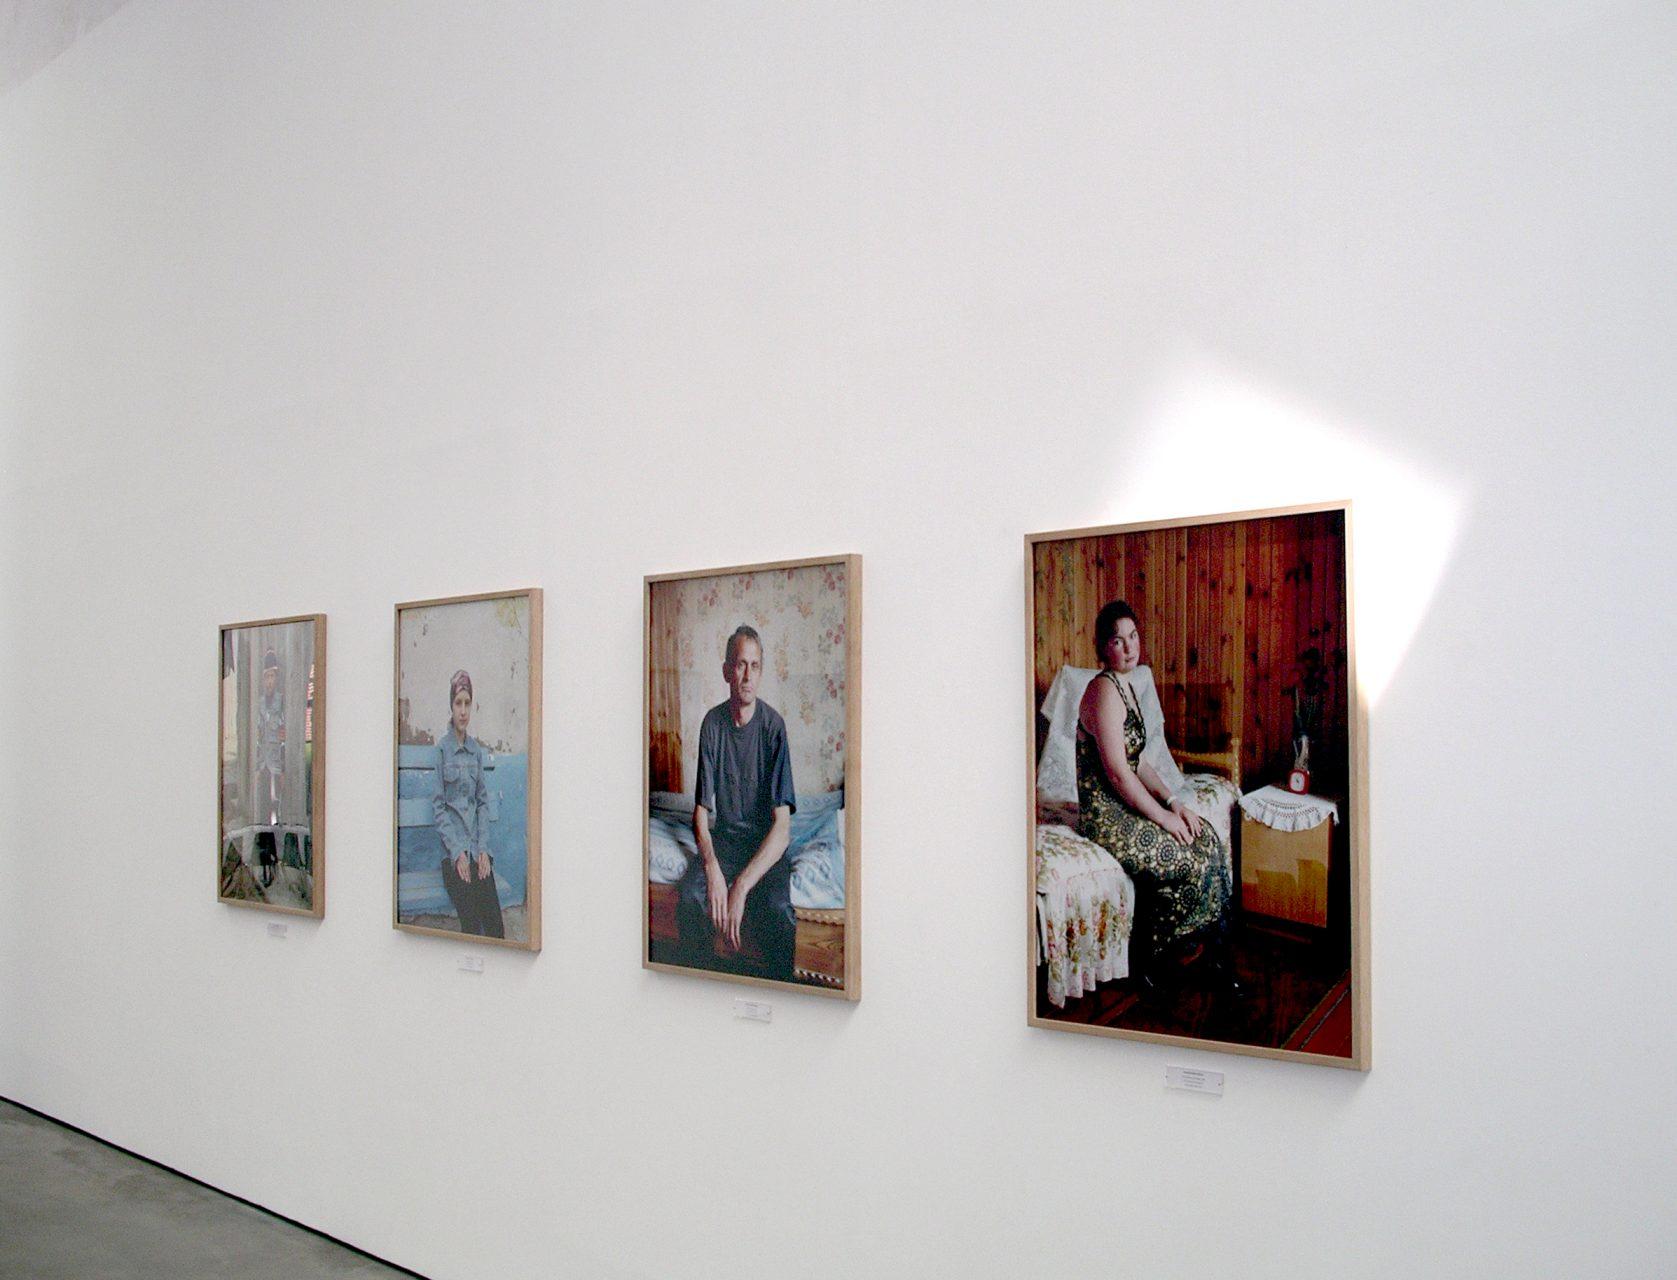 Anastasia Khoroshilova, Islanders, Kunsthalle Lingen, Lingen, Germany, 2007